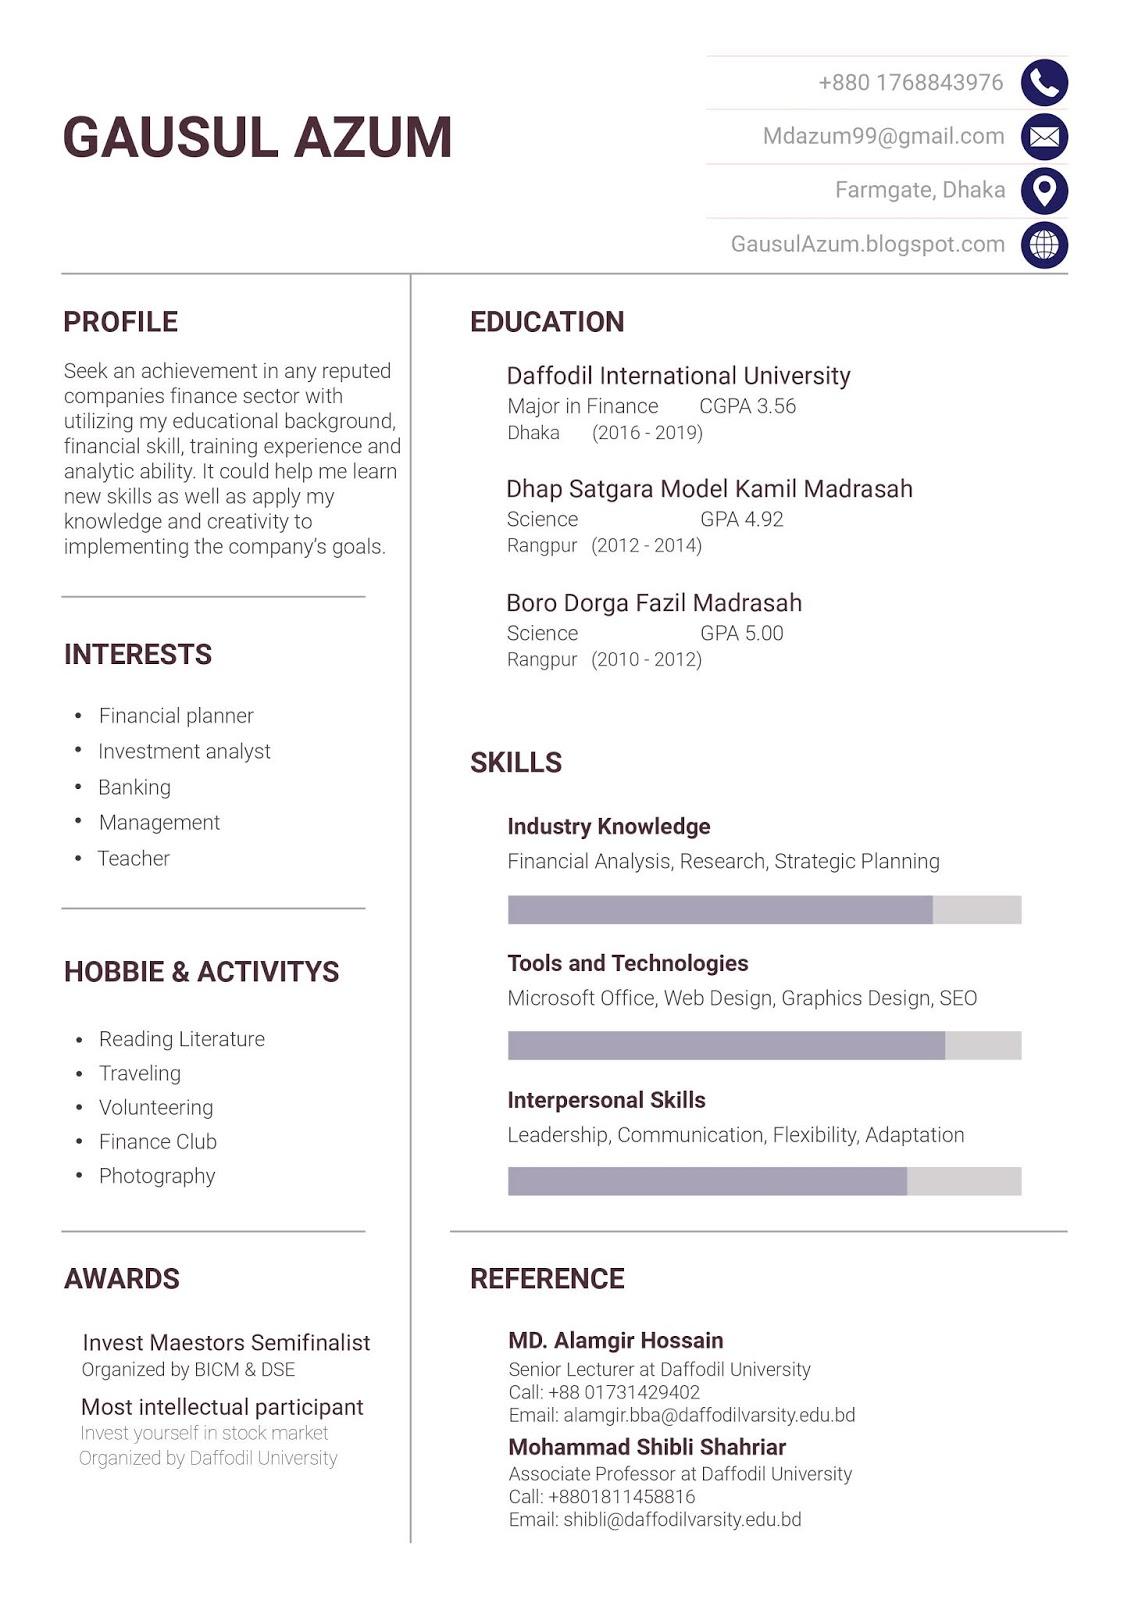 gausul azum resume